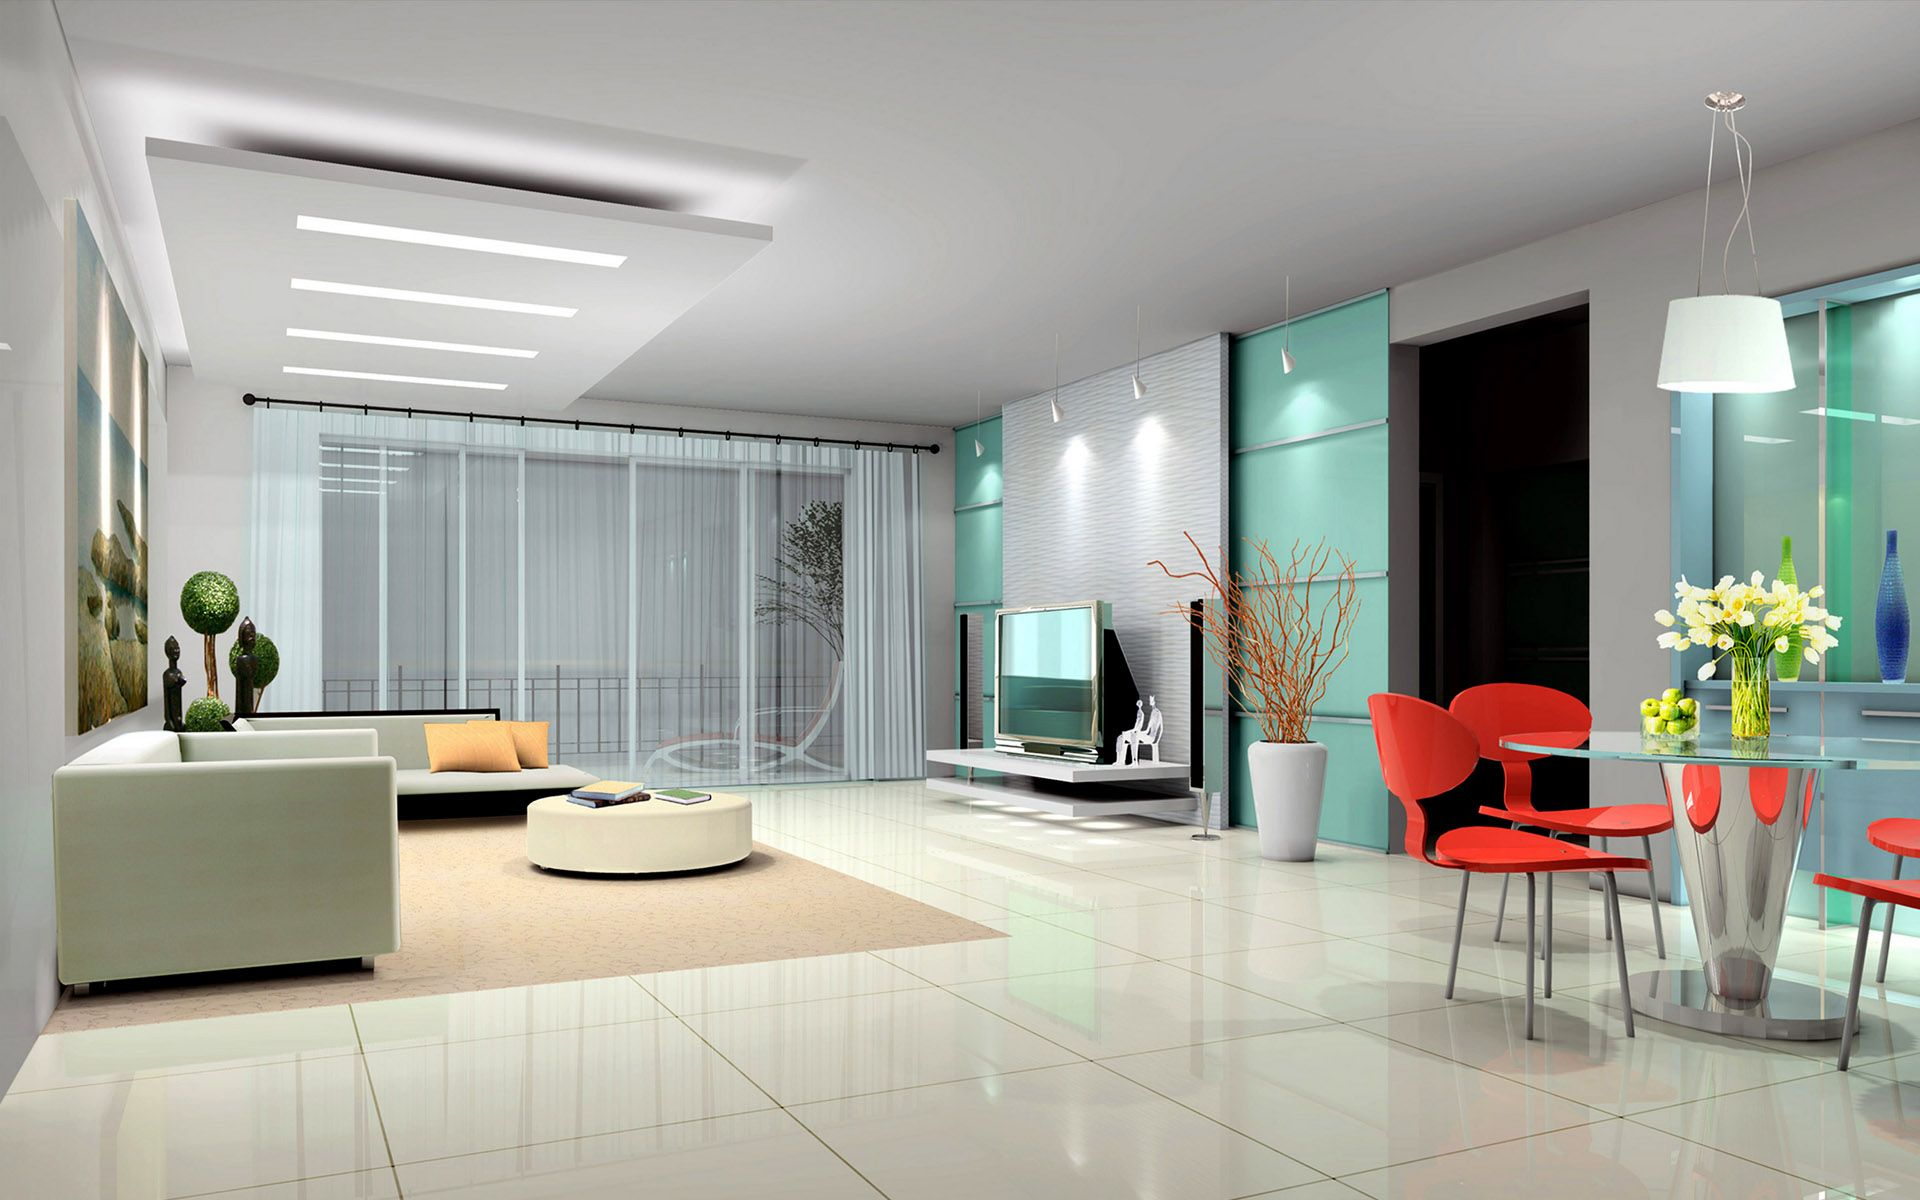 Executive living room interior design ideas